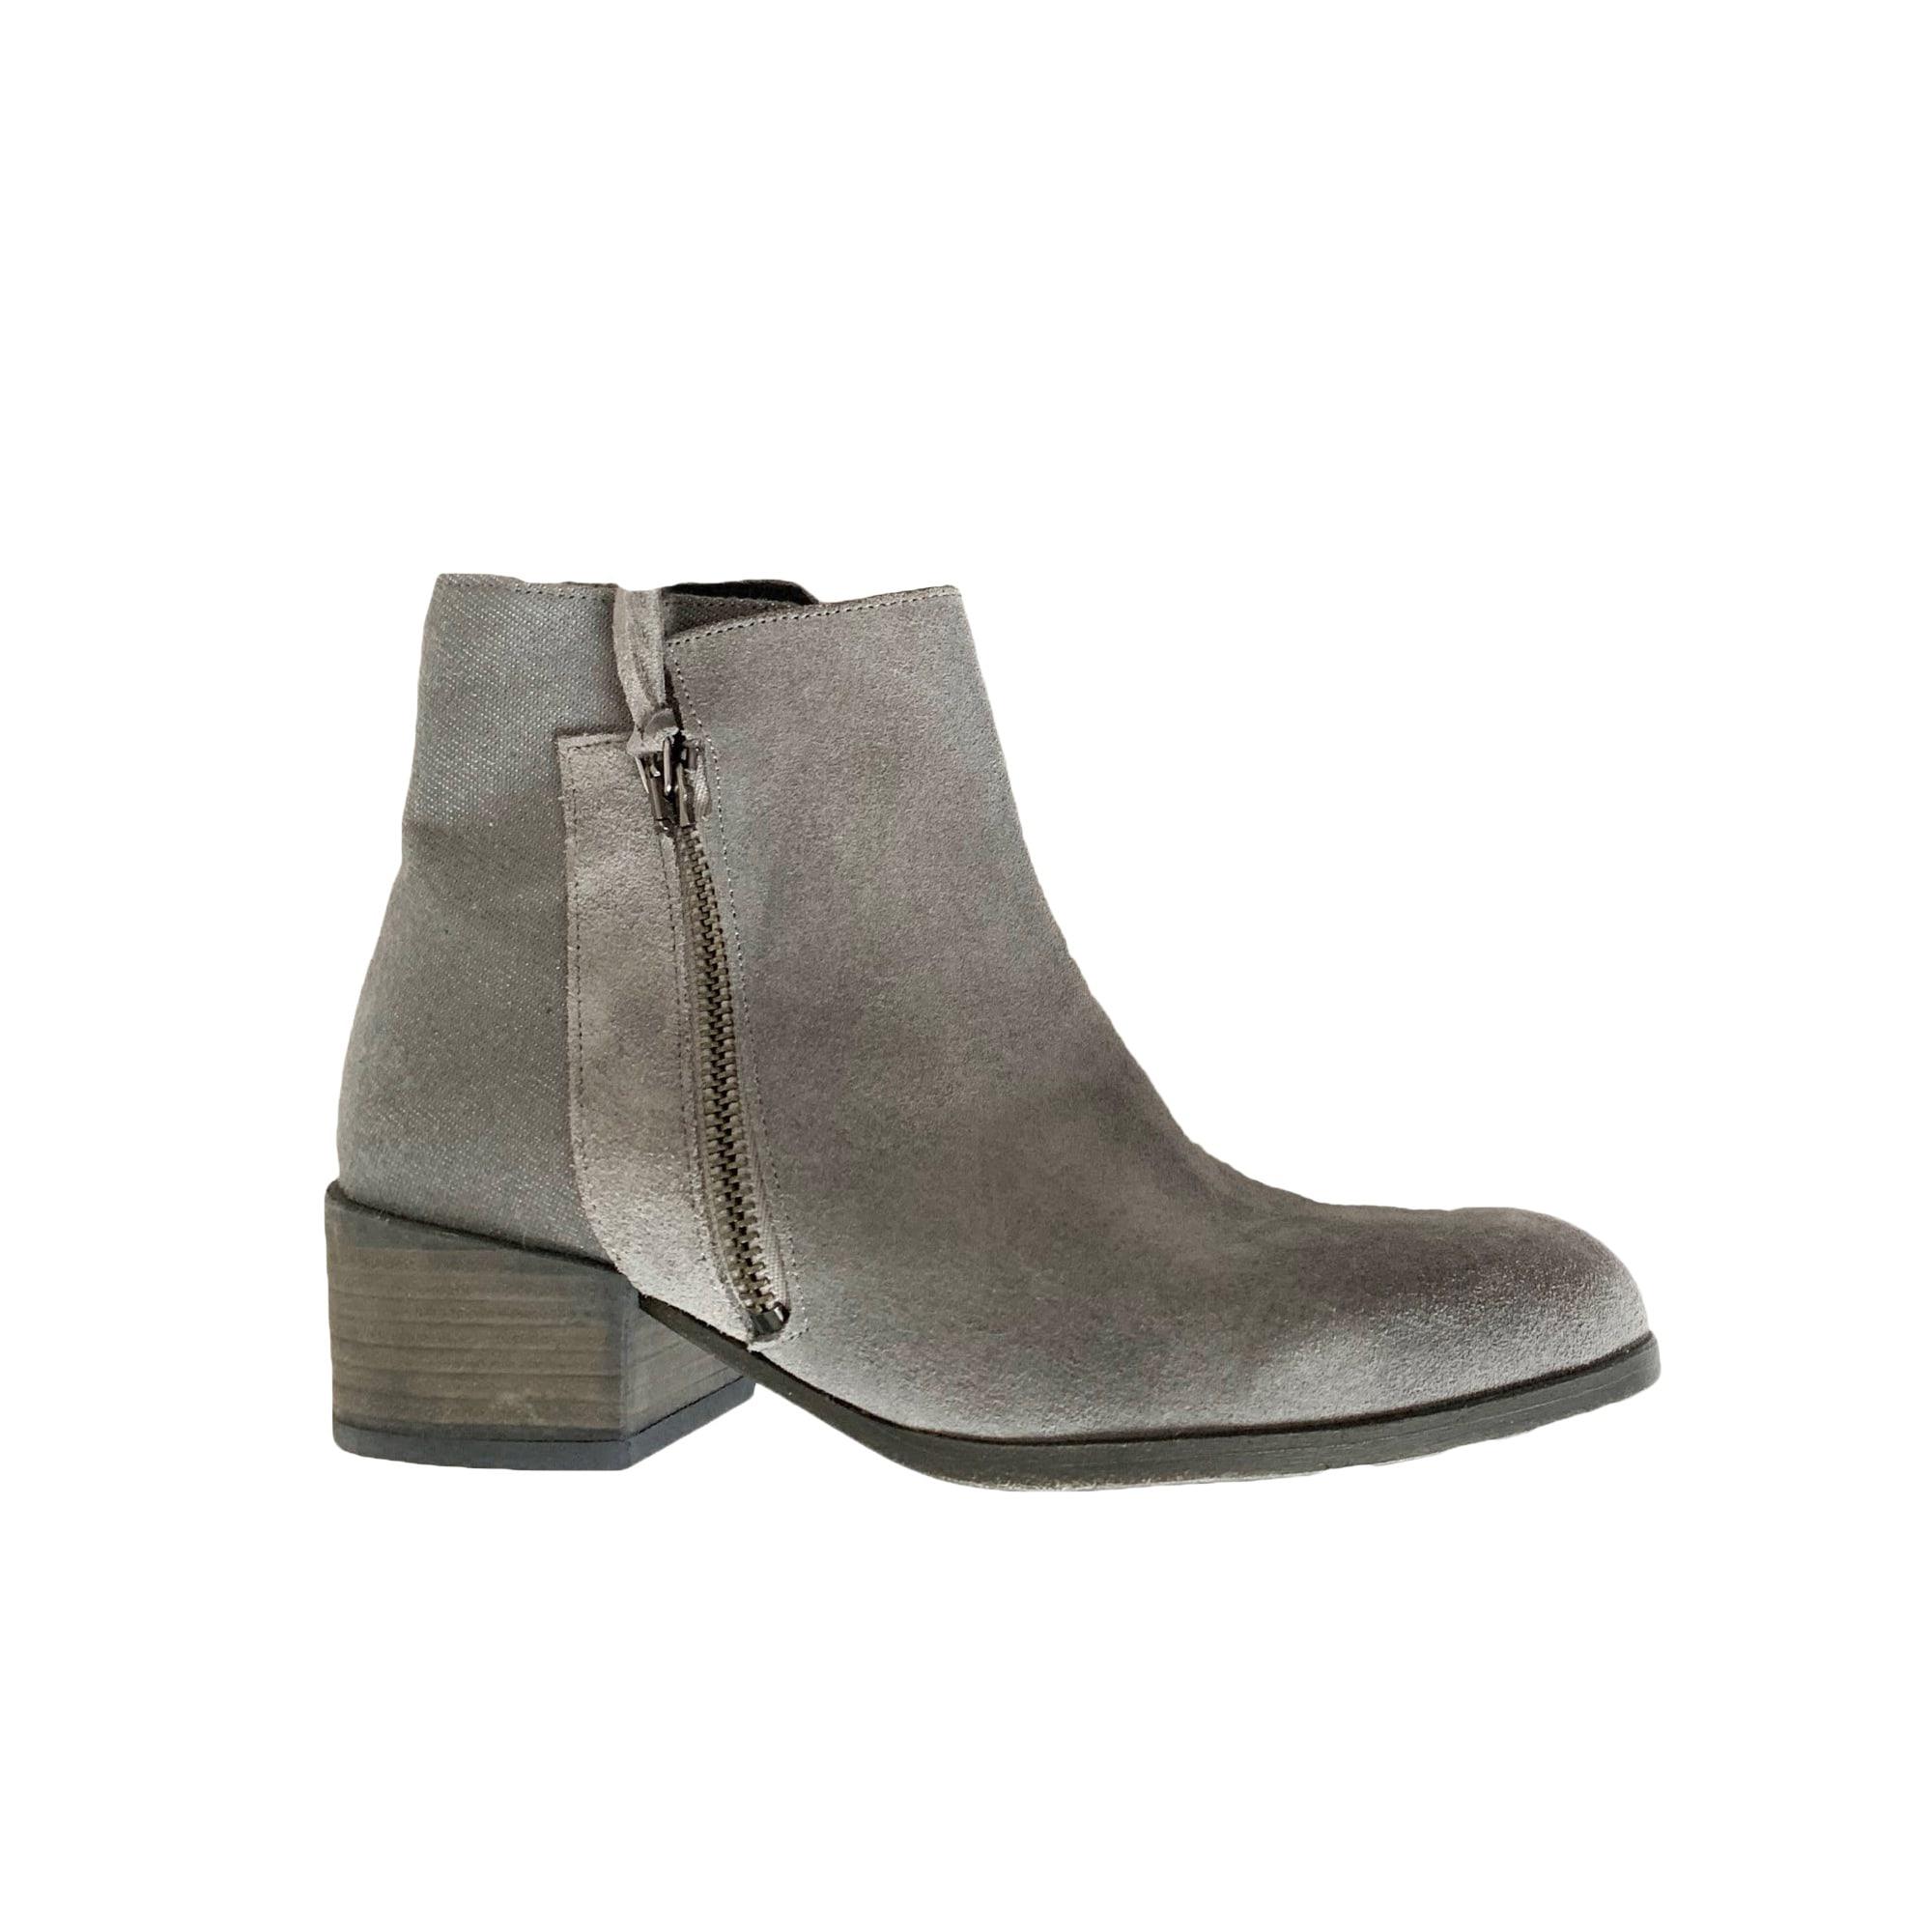 Bottines & low boots à talons COMPTOIR DES COTONNIERS Gris, anthracite